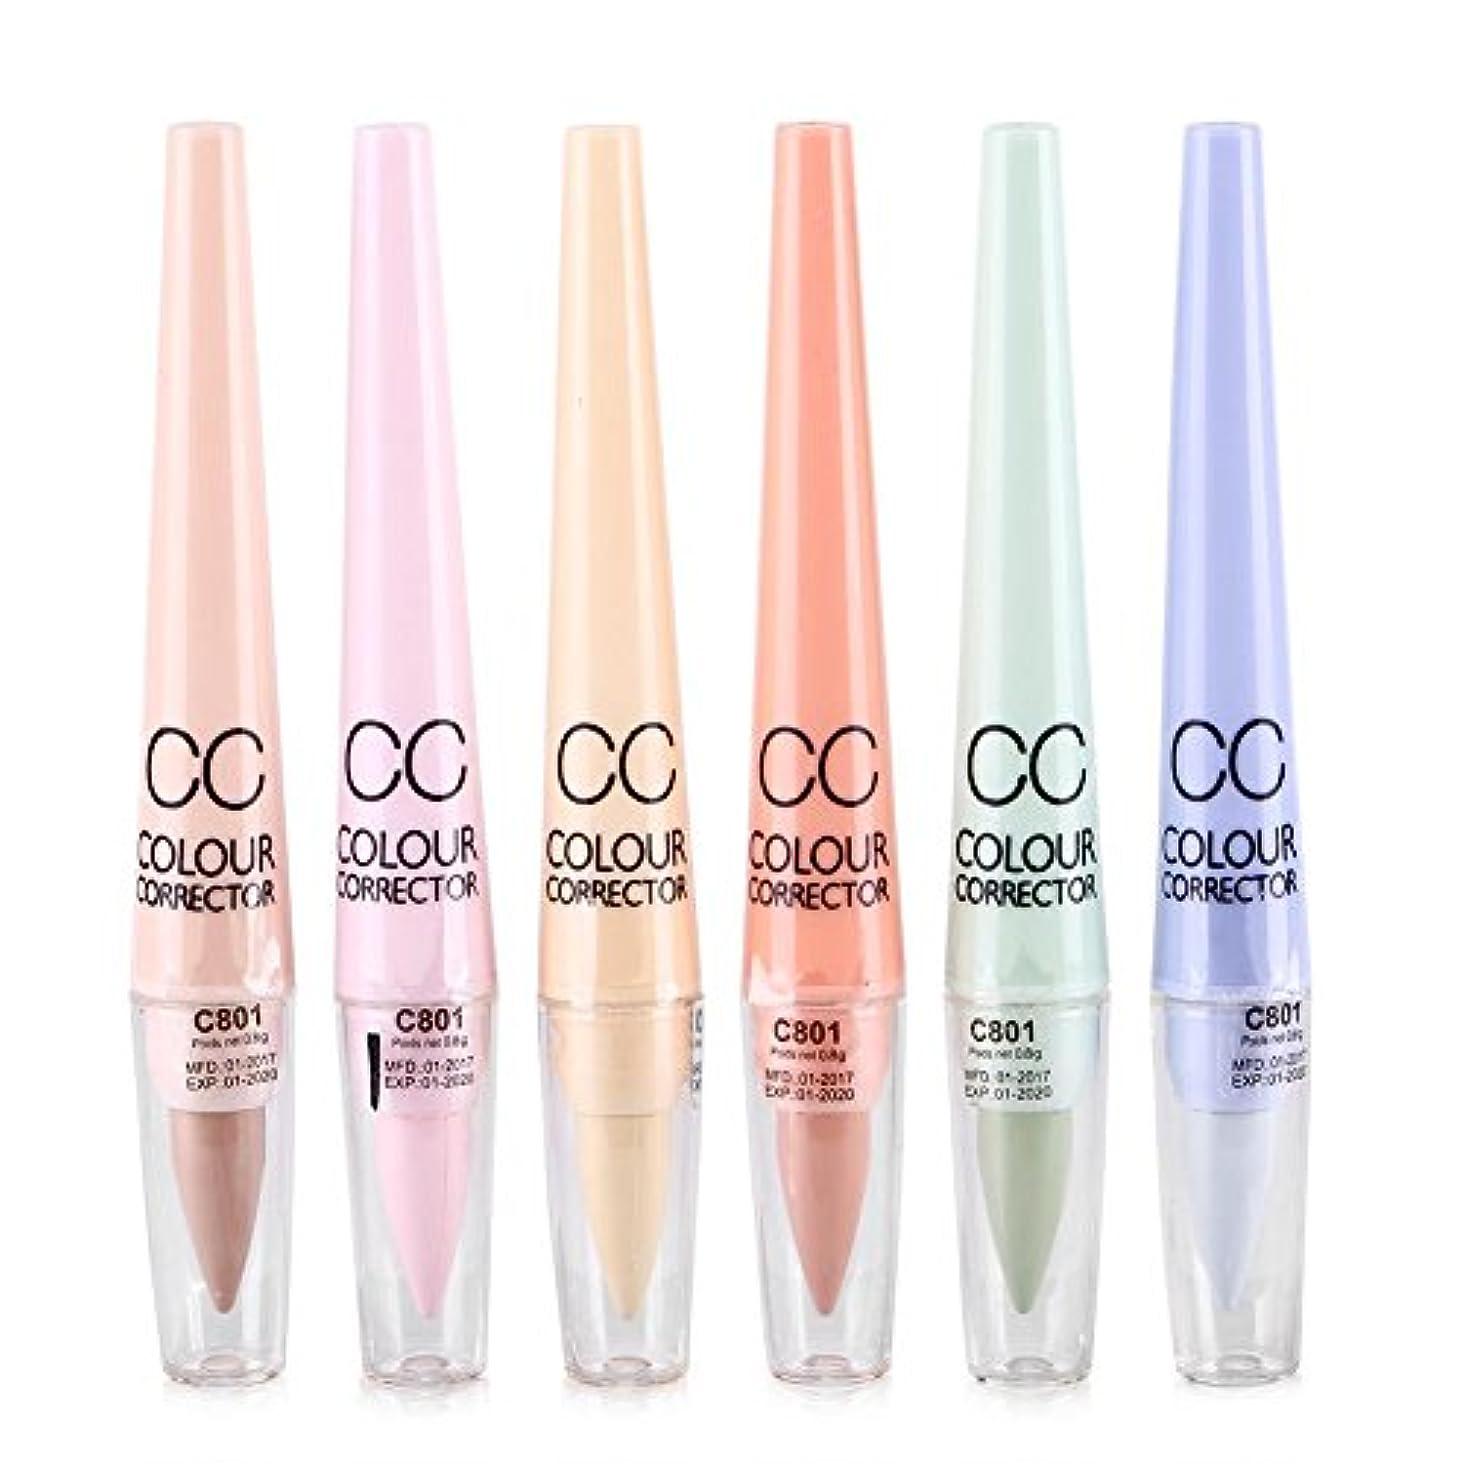 クランプ愛確かに6本/セット化粧品CCカラーコンシーラーの目ダークサークルスポット鈍さ正しいペンシル蛍光ペン